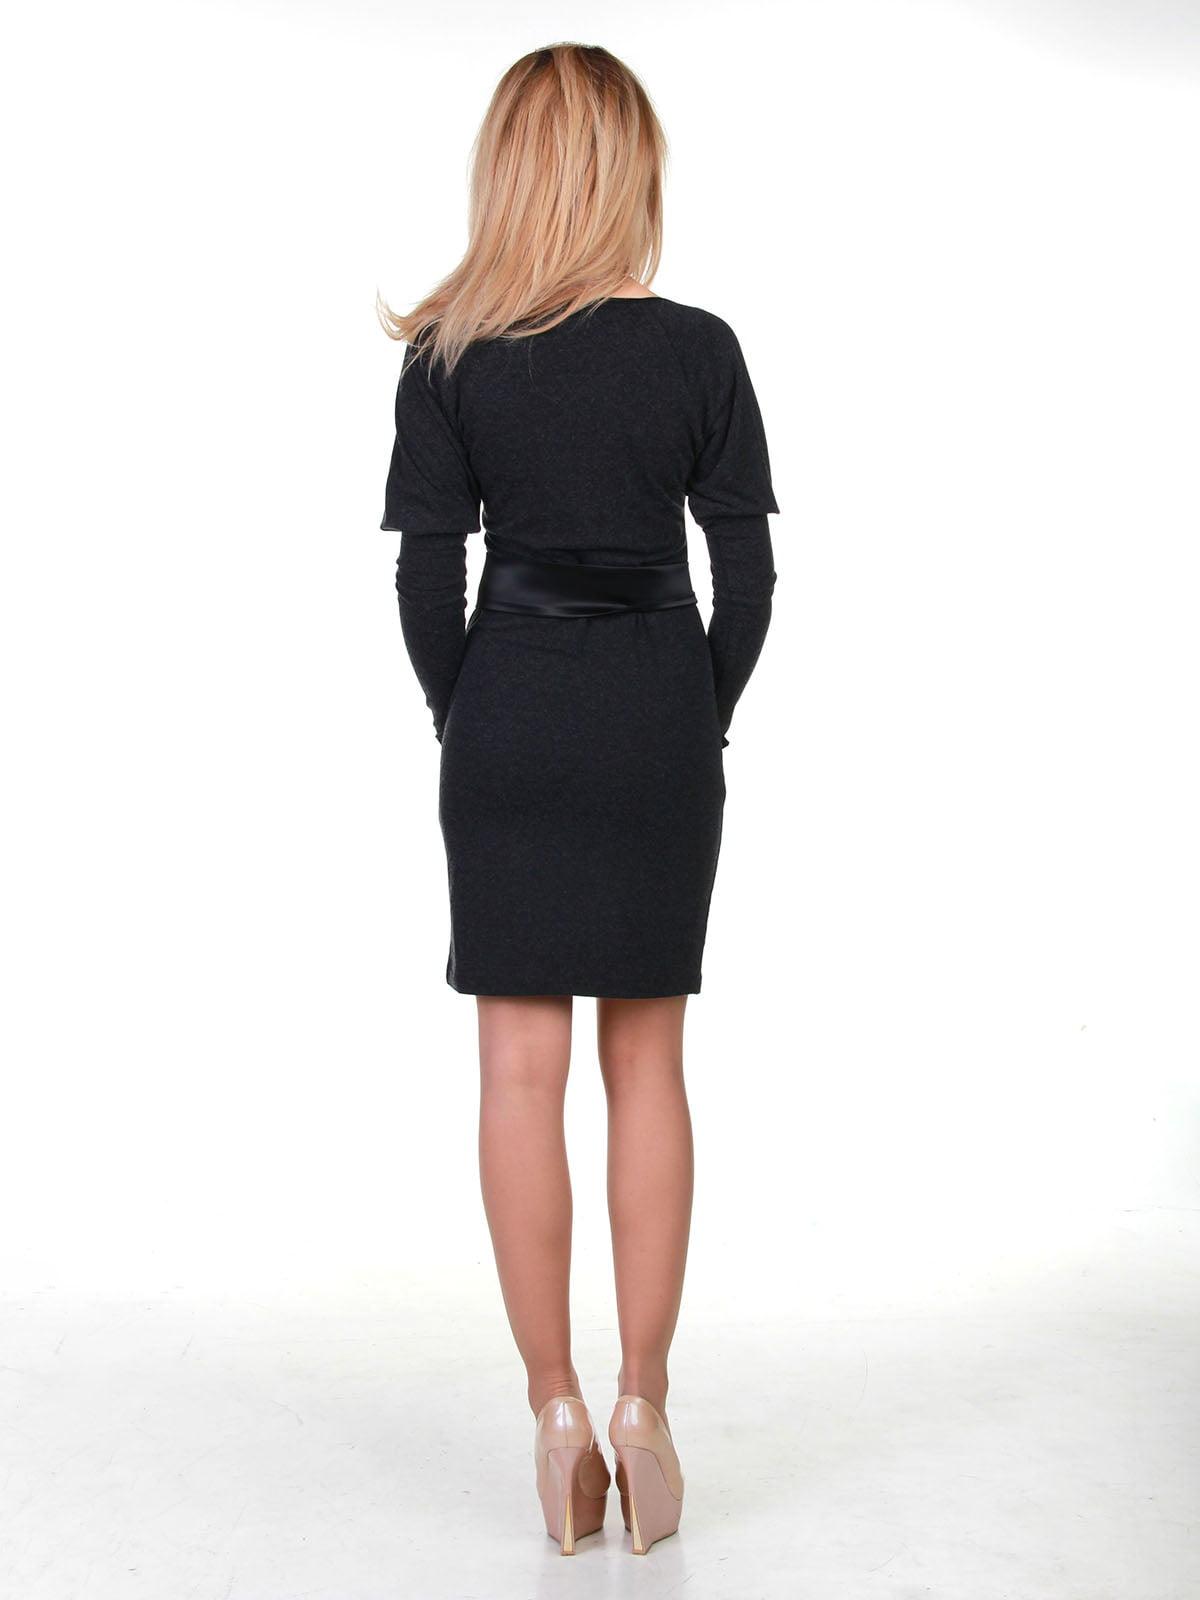 Сукня темно-сіра | 3823462 | фото 2